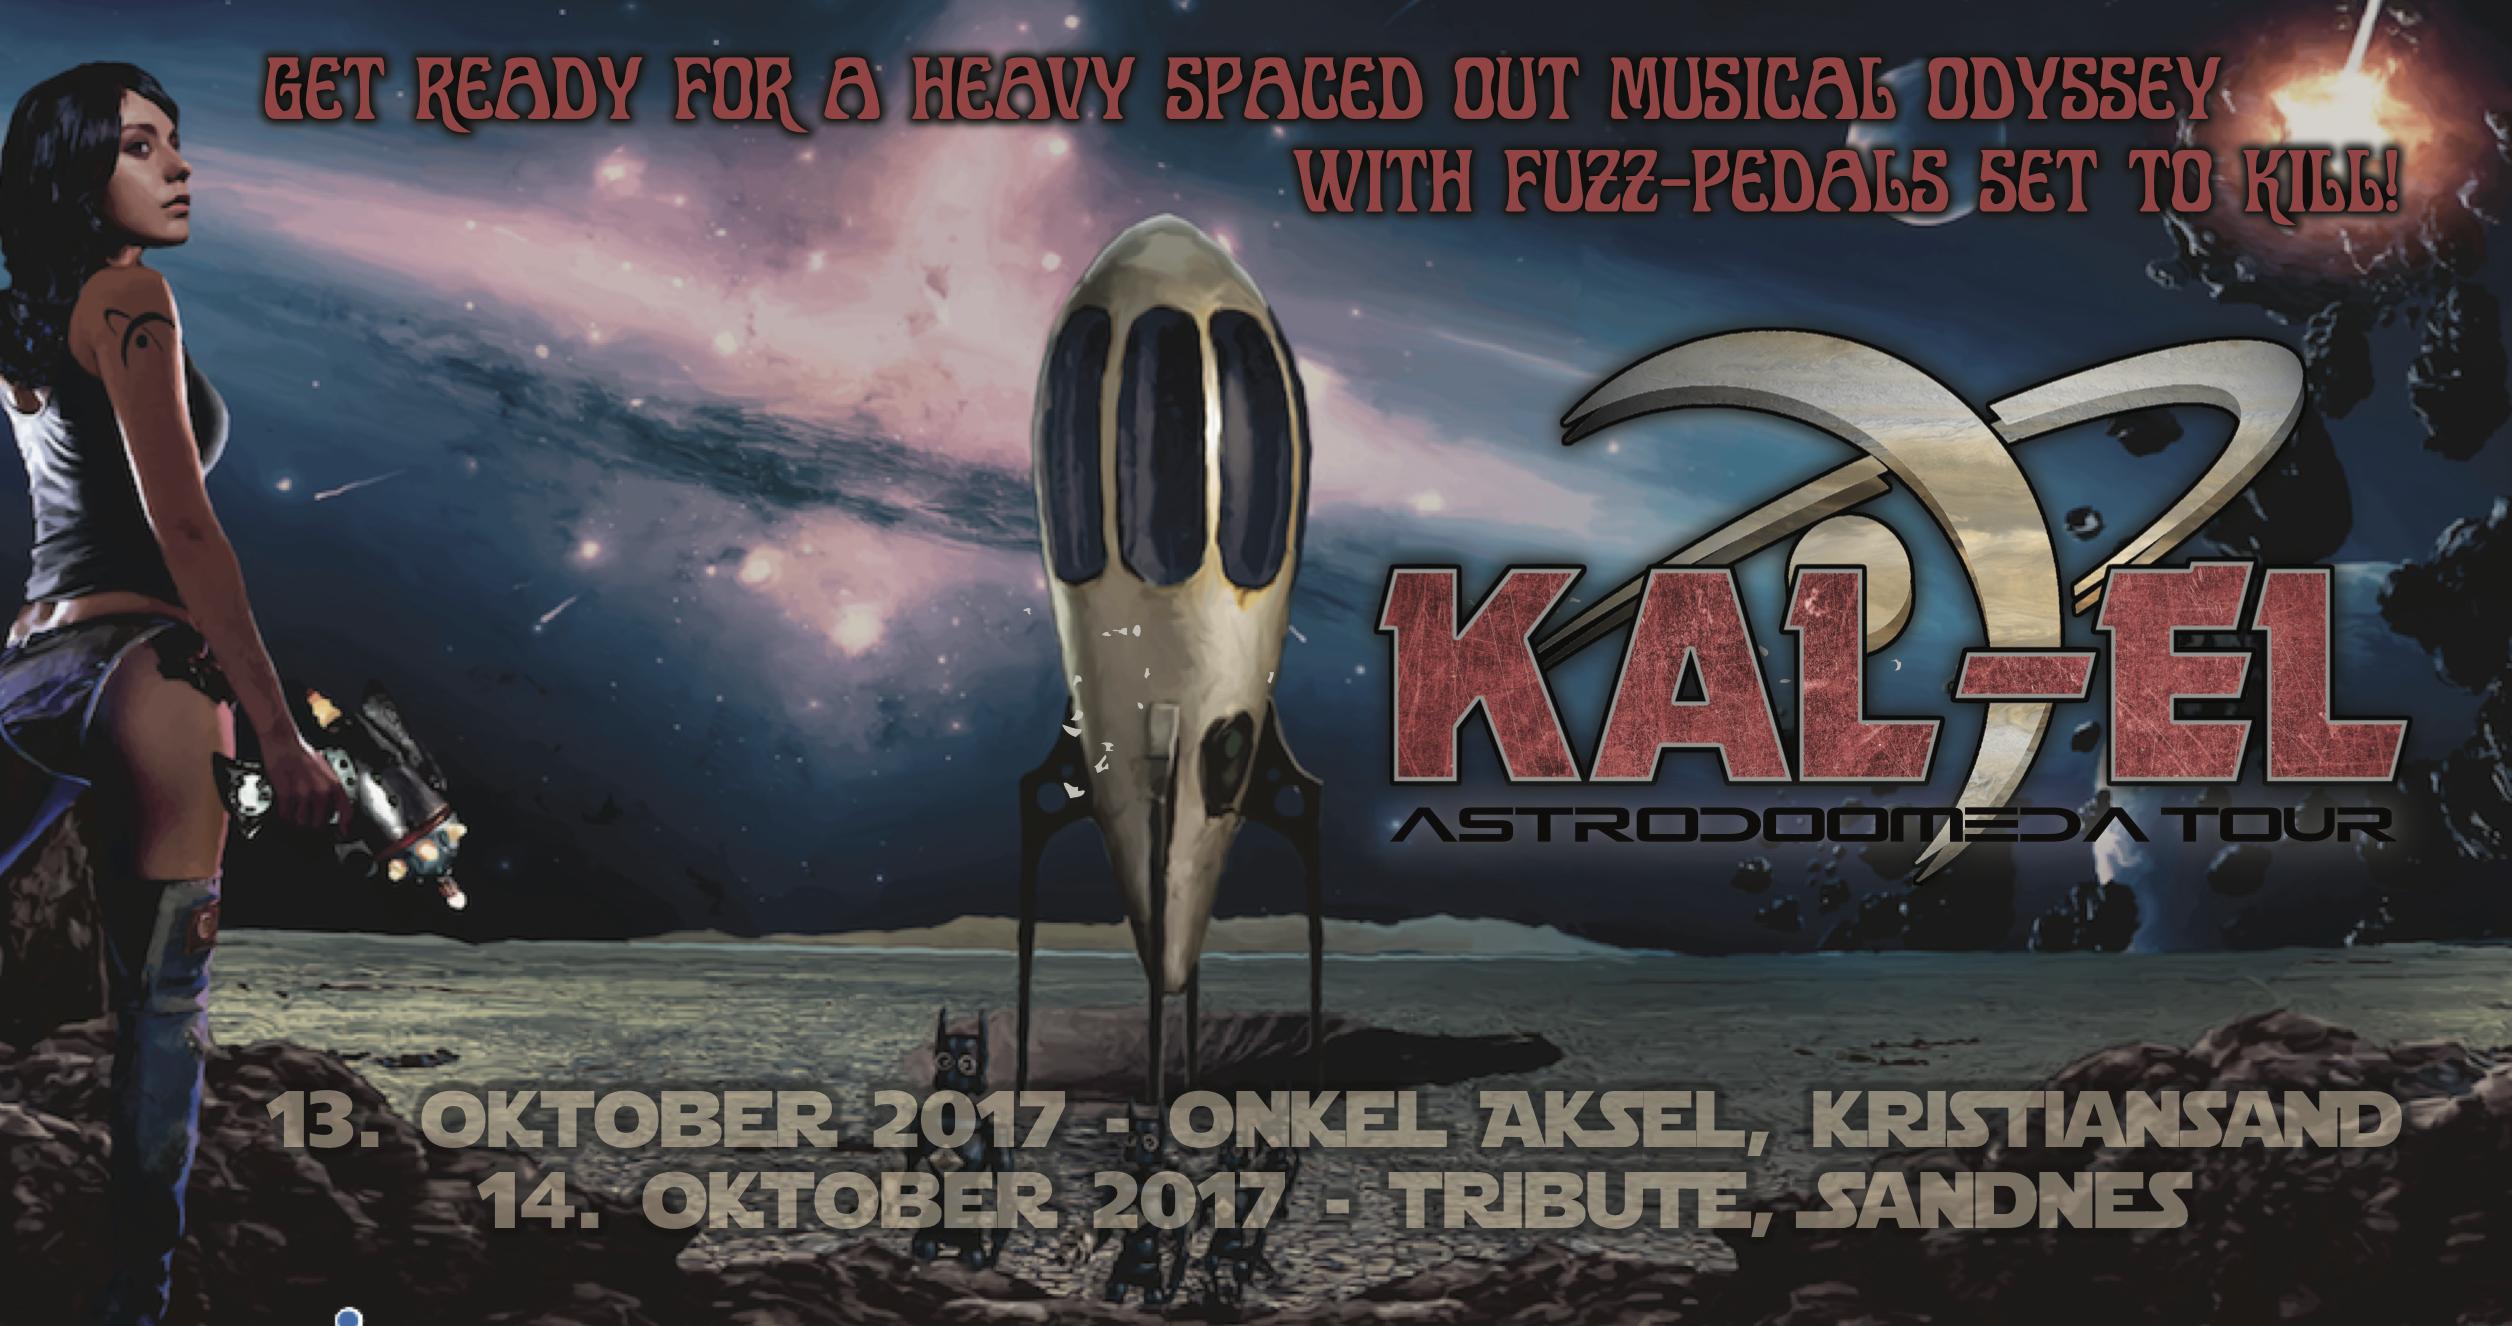 Kal-El_onkel_tribute_flyer-kopi